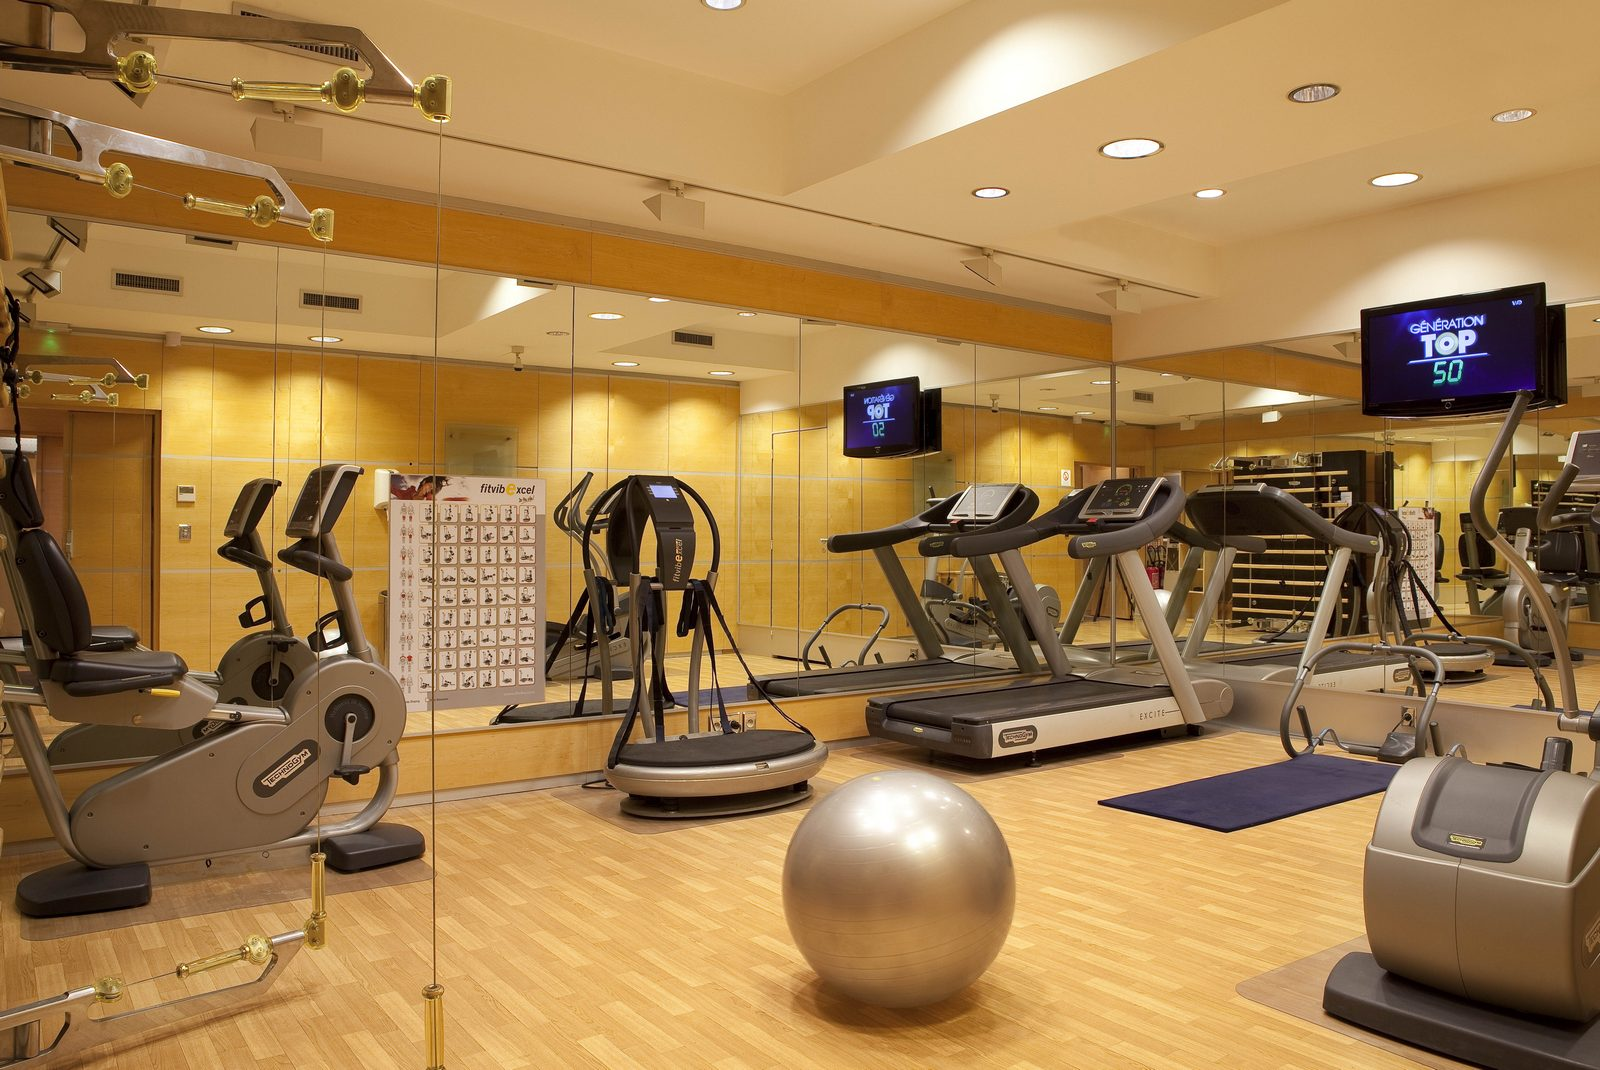 salle de sport h tel au manoir st germain des pr s. Black Bedroom Furniture Sets. Home Design Ideas